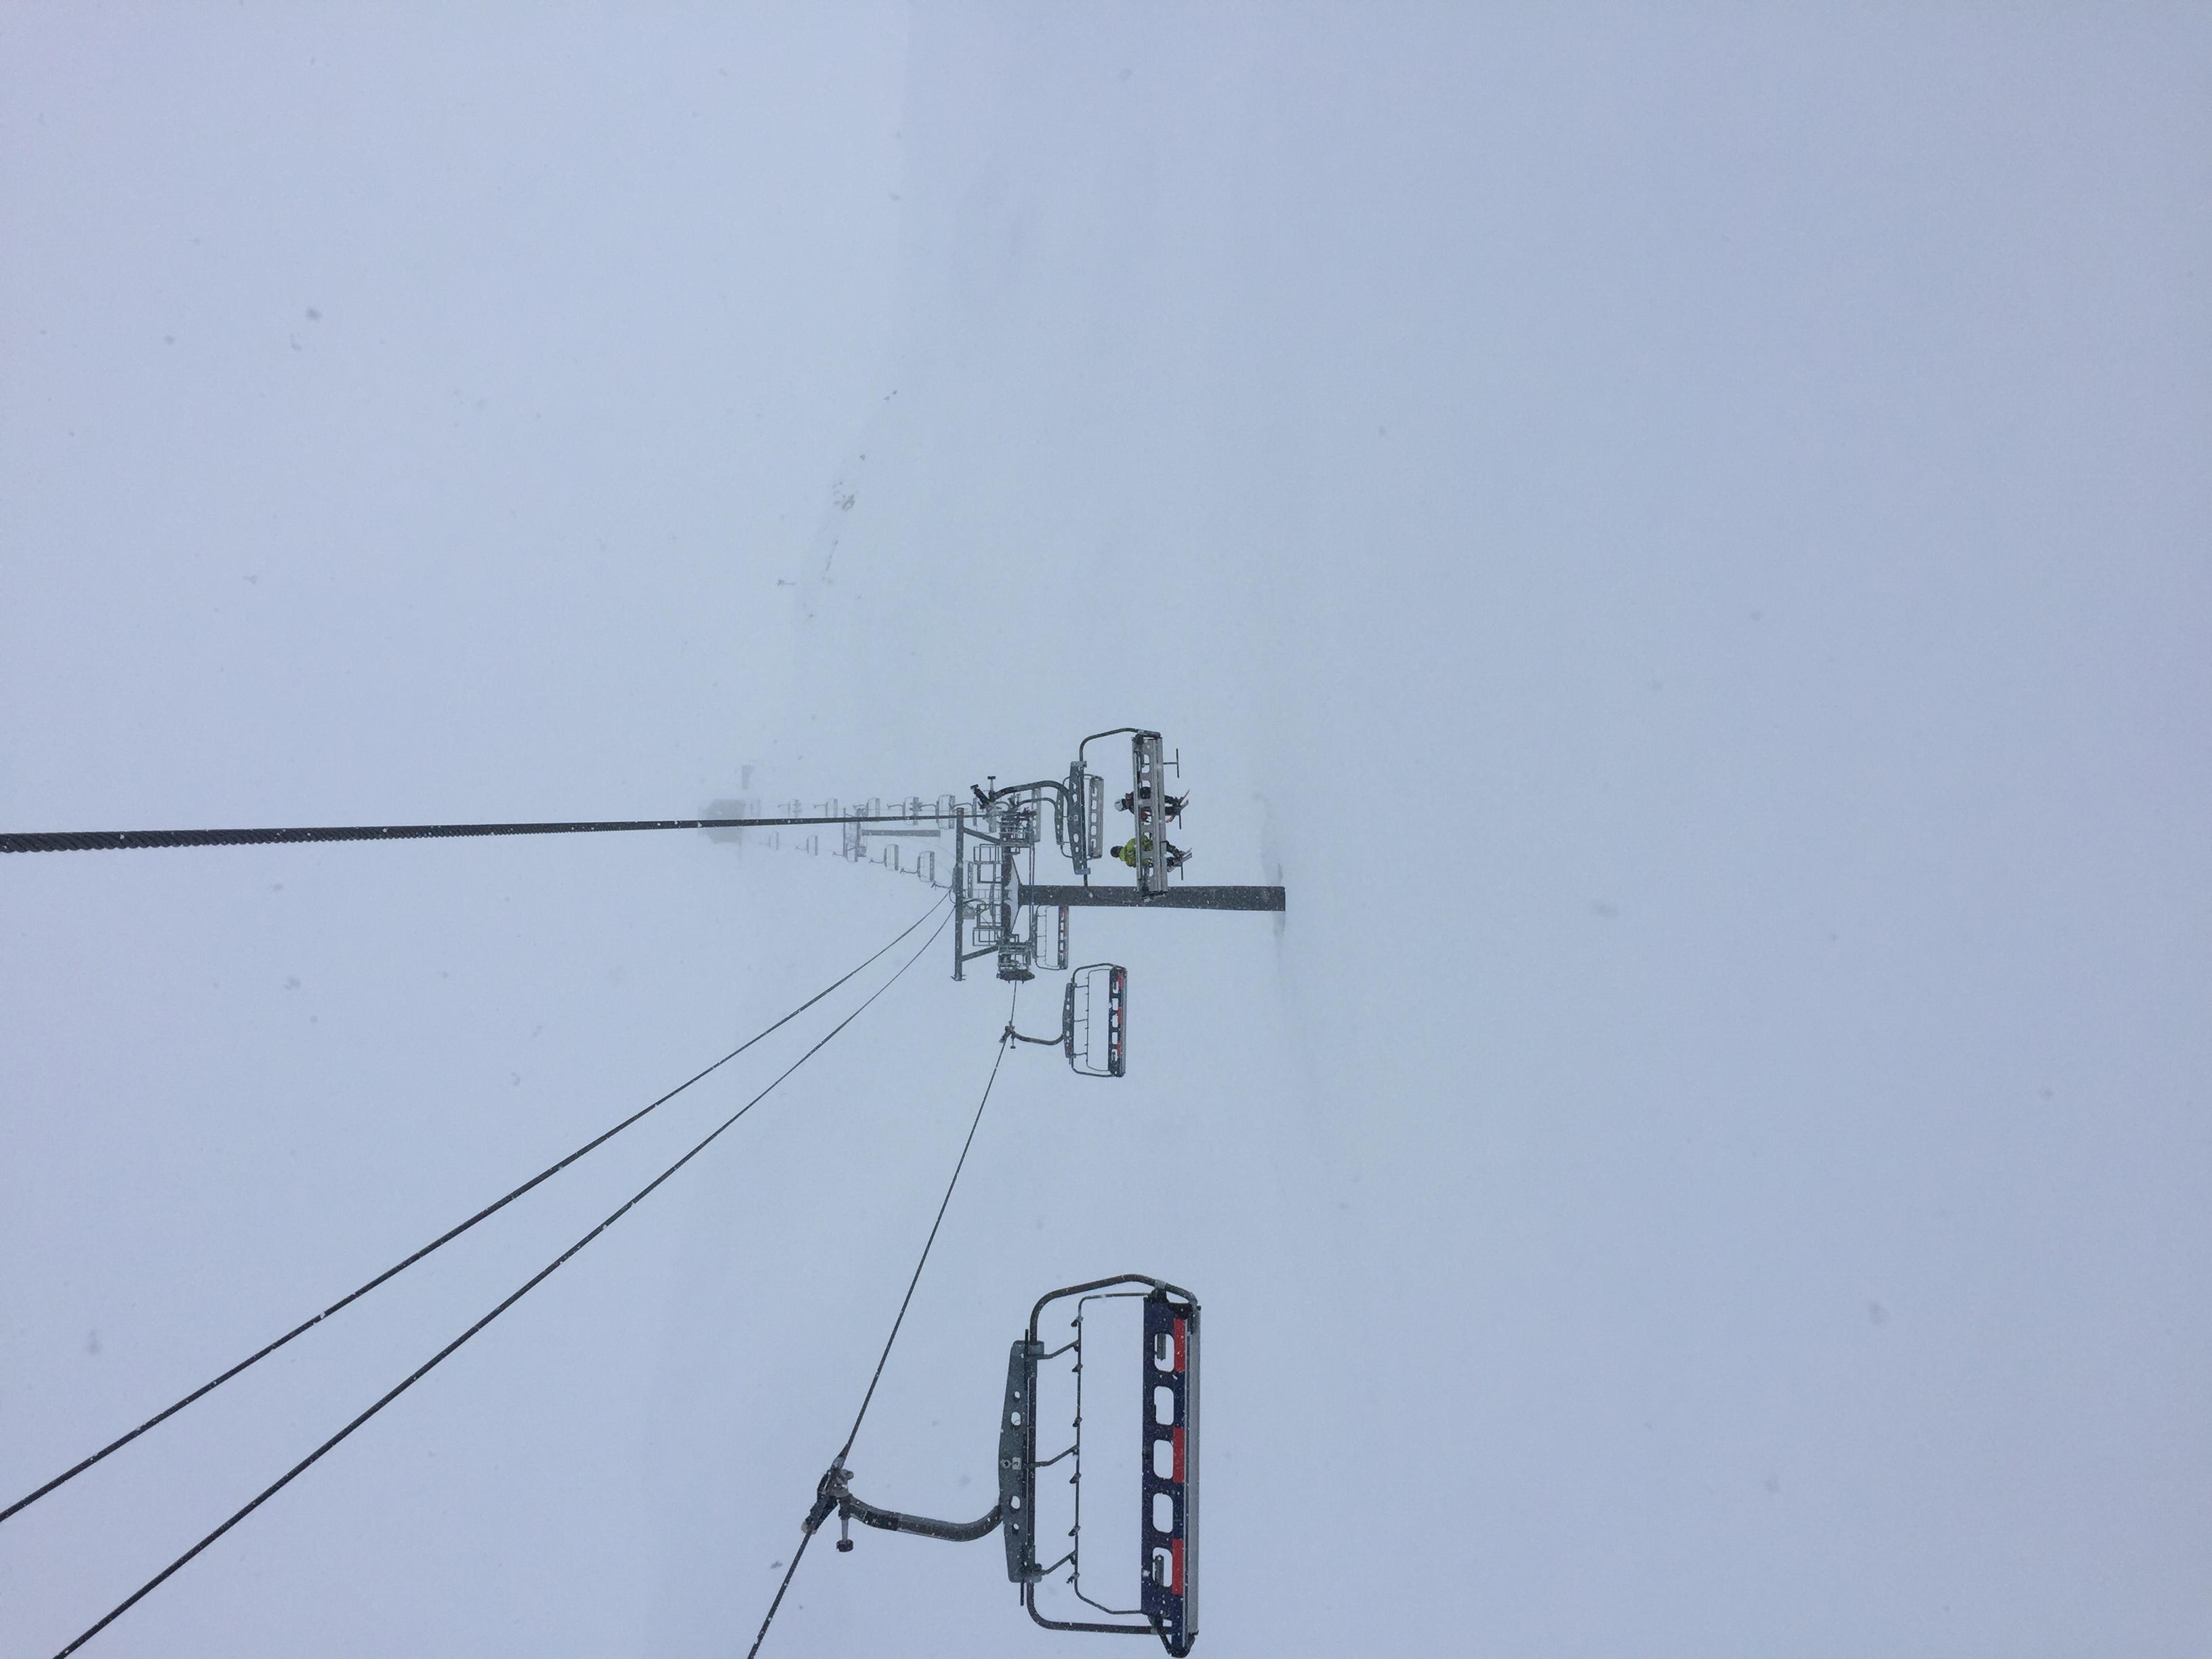 Snowy afternoon, La Plagne